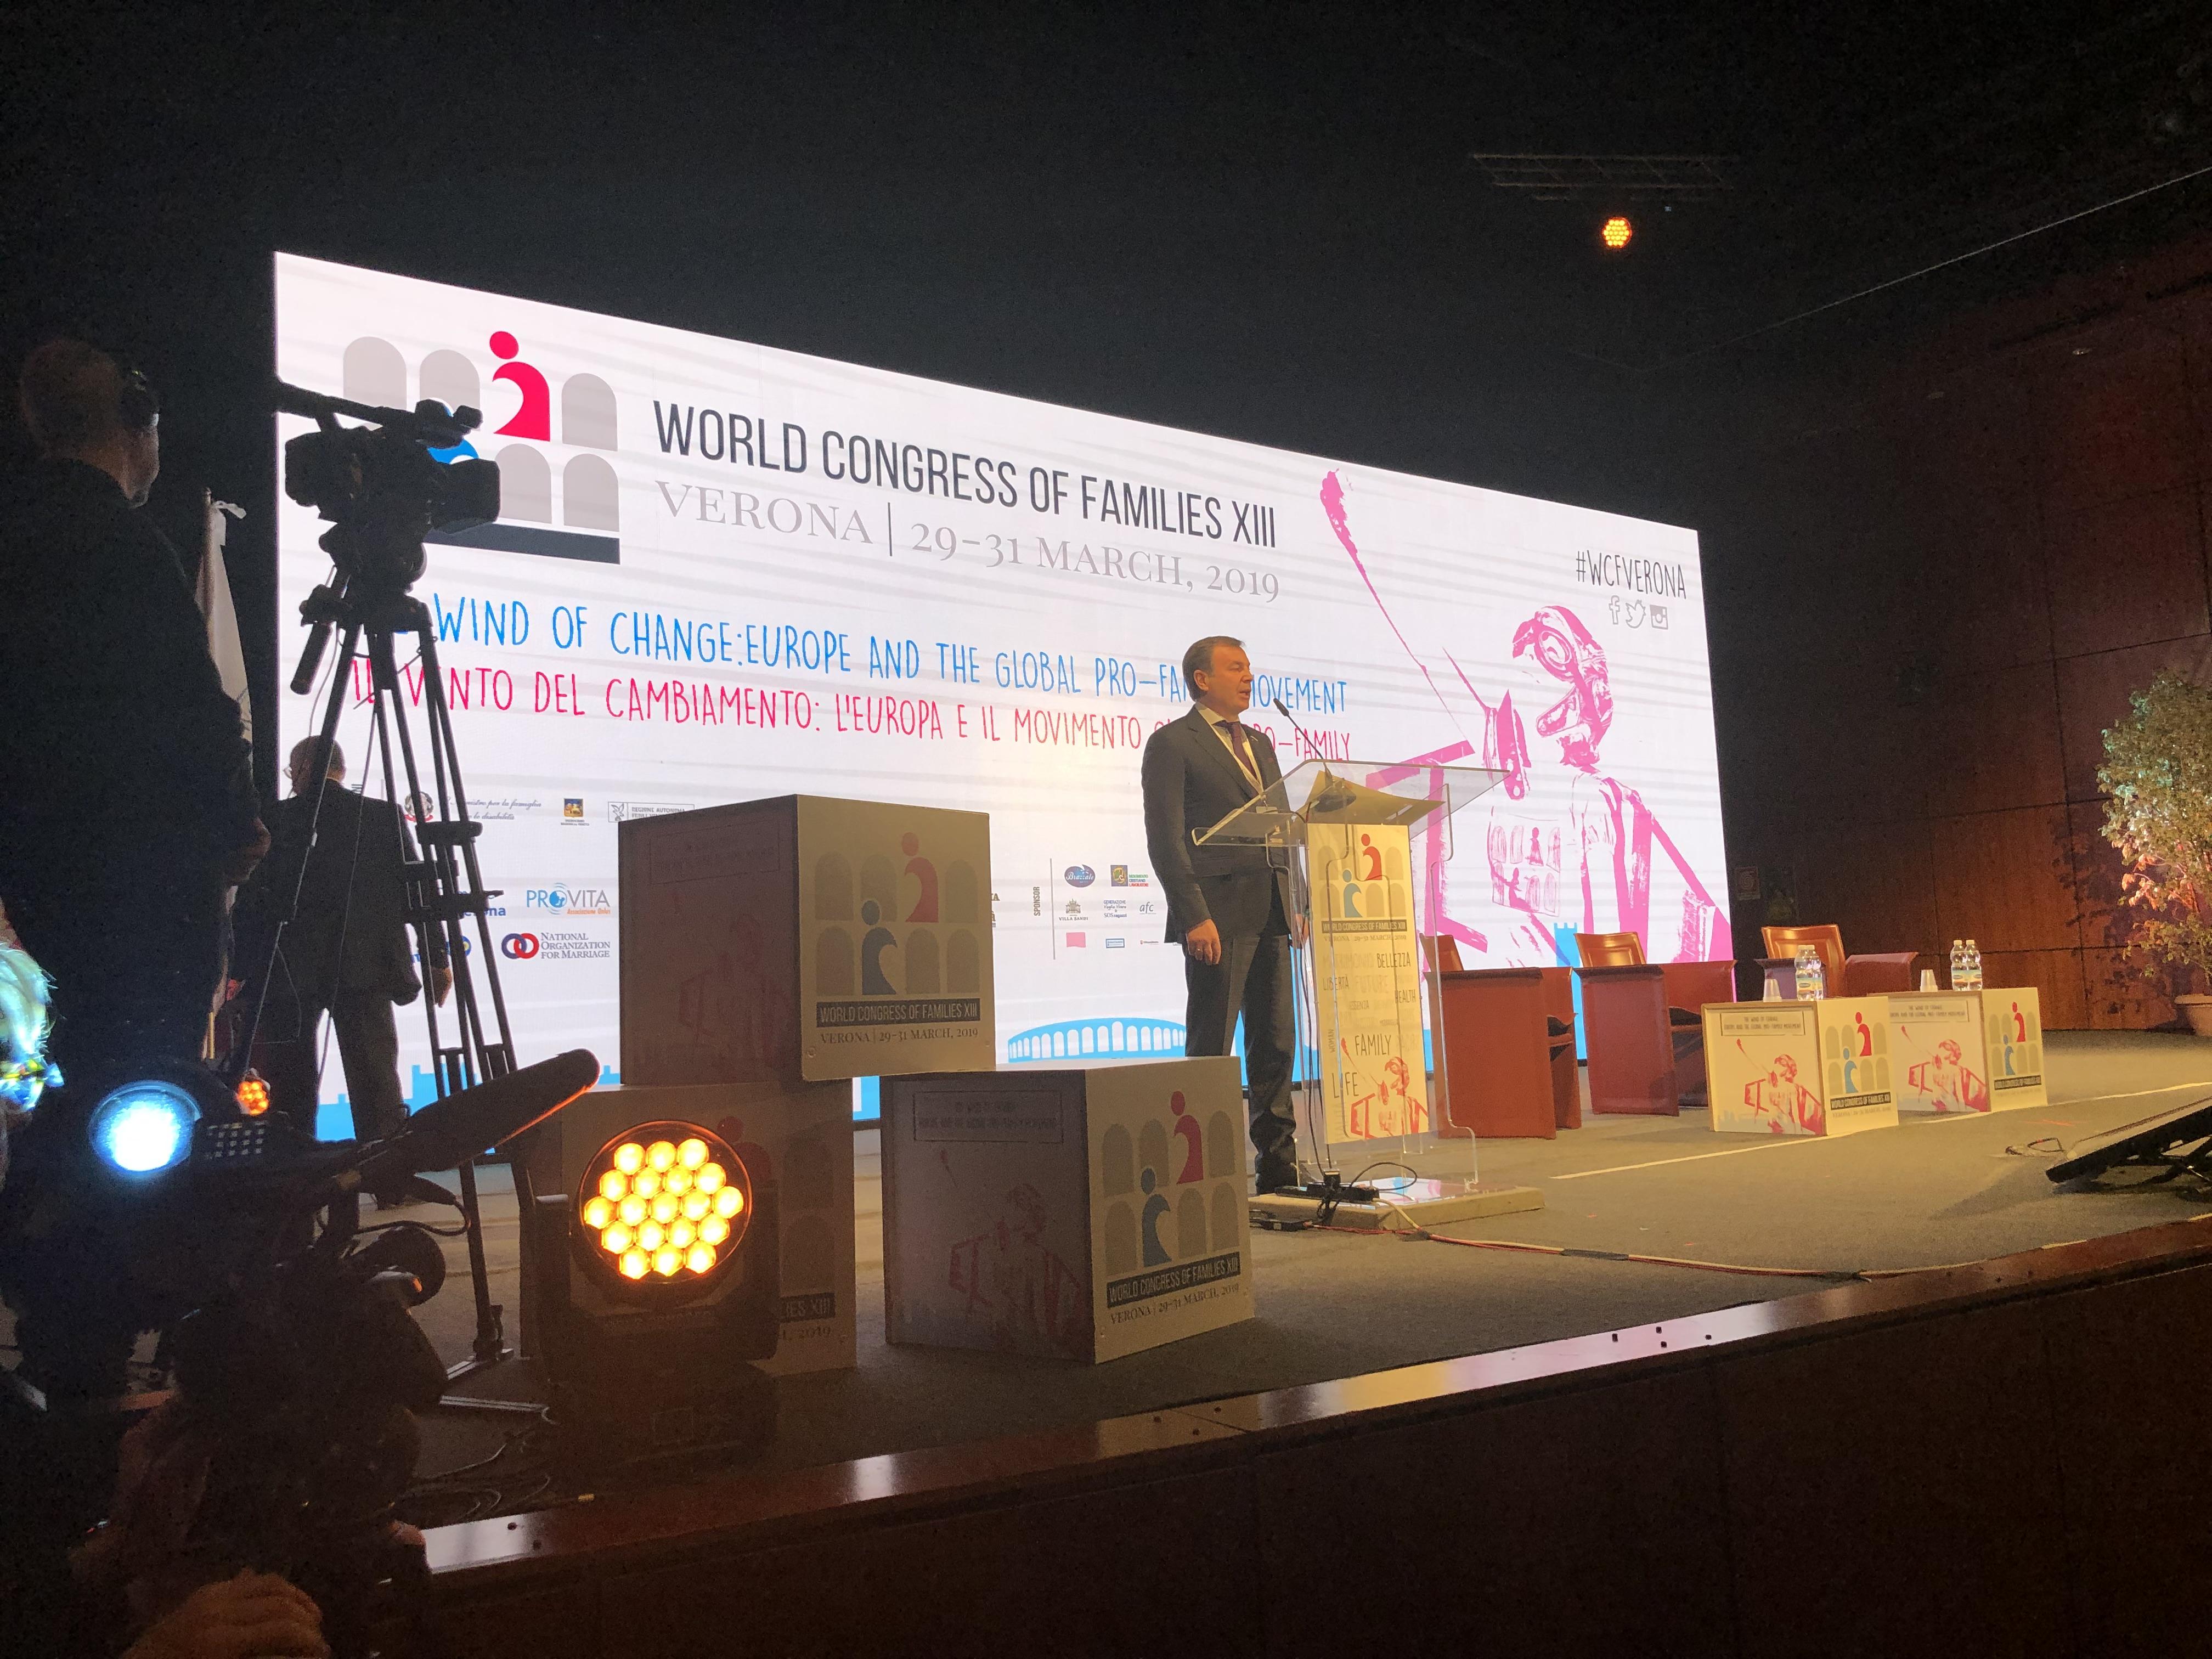 XIII Всемирный Конгресс семей (ВКС) прошёл в городе Верона (Италия) 29-31 марта 2019 года